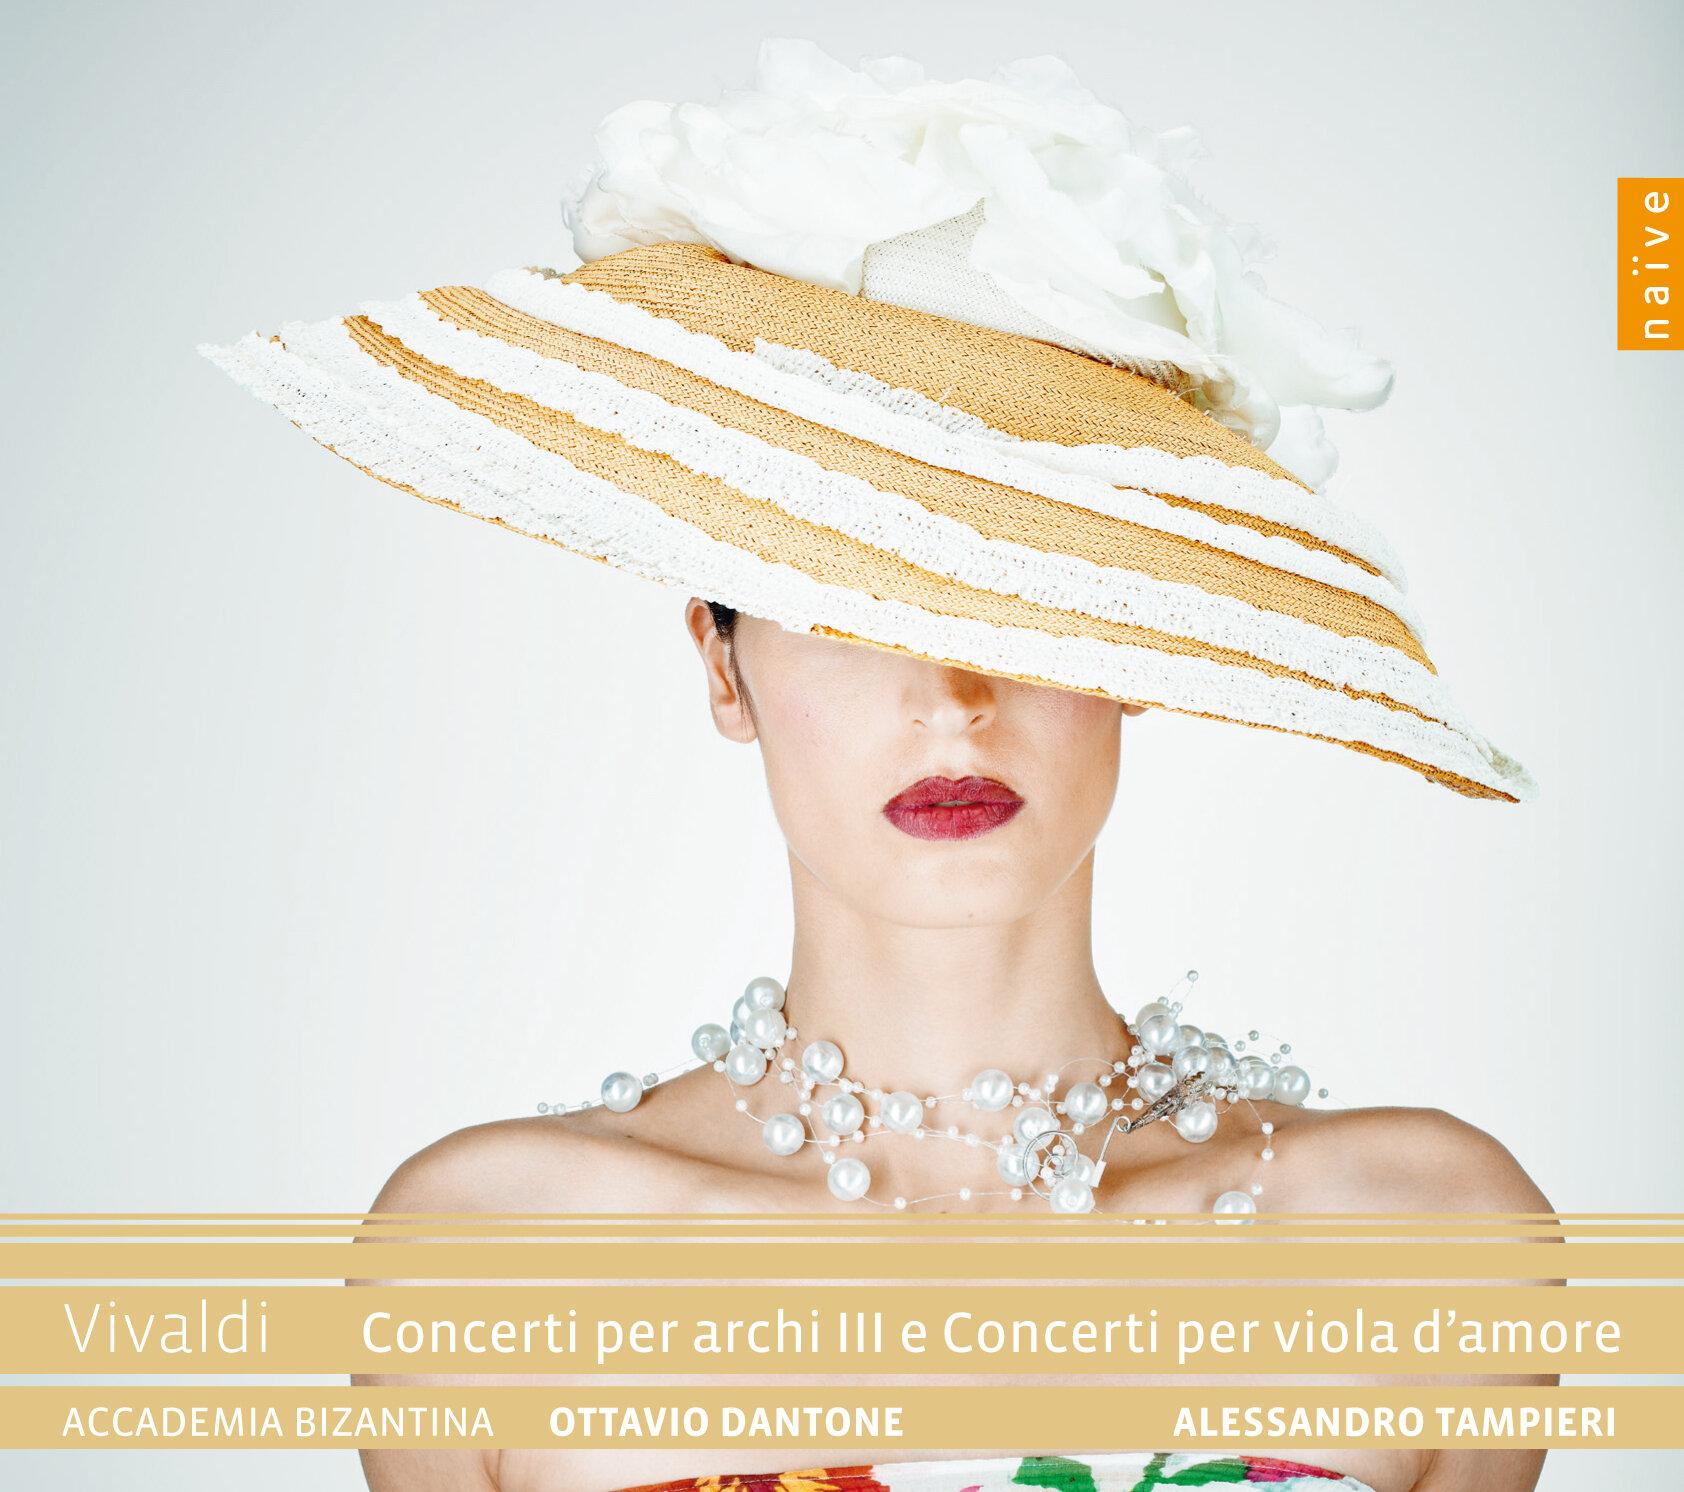 OP30570 Vivaldi Concerti per archi III e Concerti per viola d'amore - Accademia Bizantina.jpg